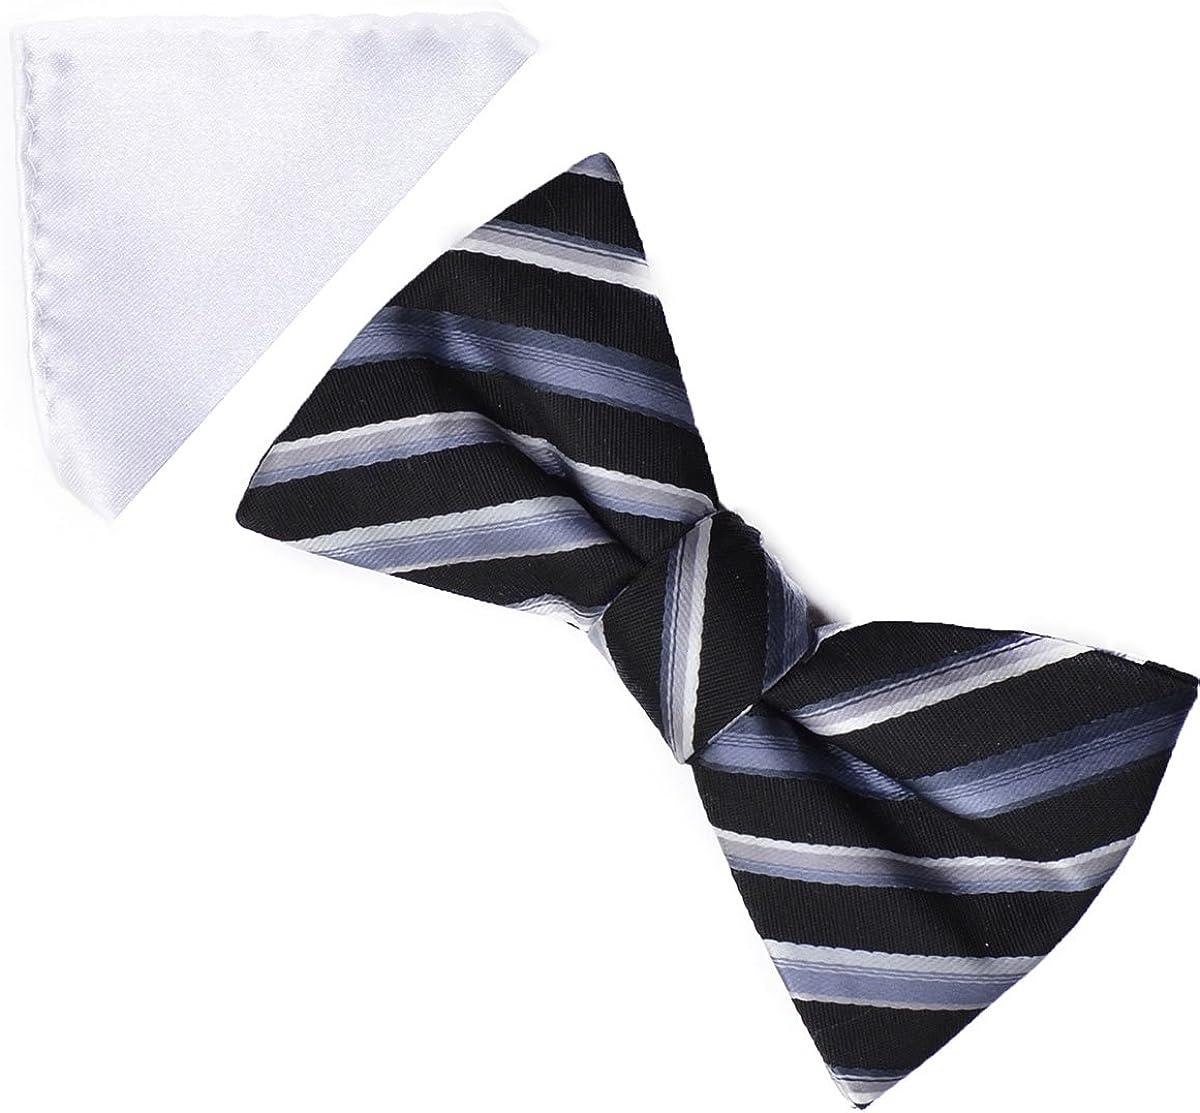 Alfani Spectrum Men's Bow Tie + Pocket Square Casanova Stripe Black/ White /Grey